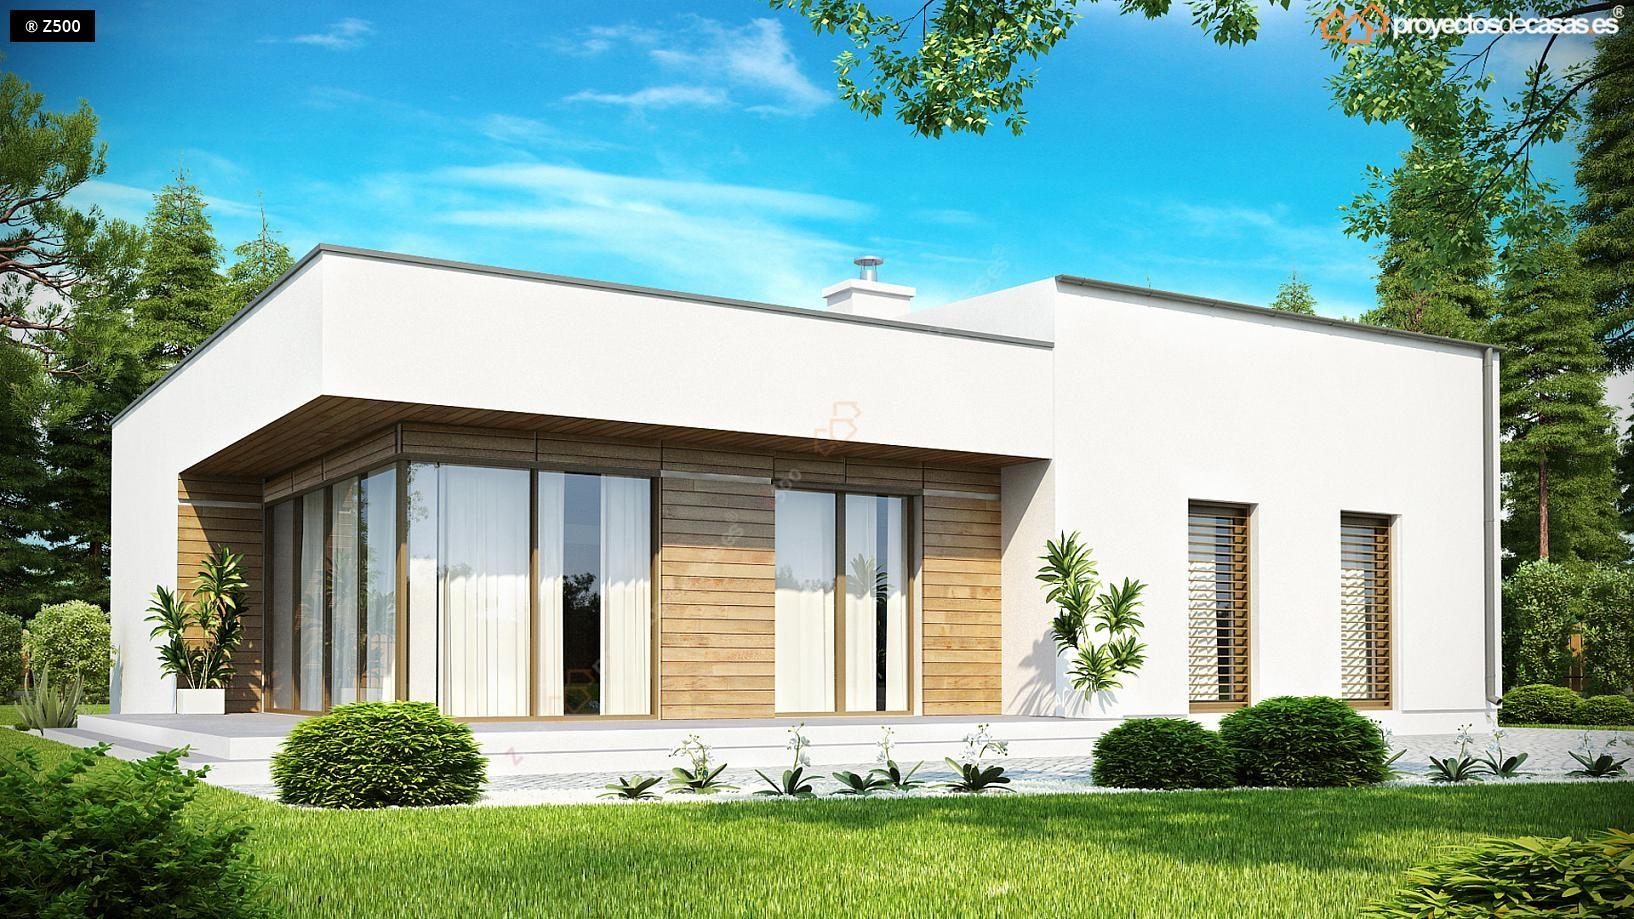 Proyectosdecasas dise amos y construimos casas en toda Casas modernas americanas